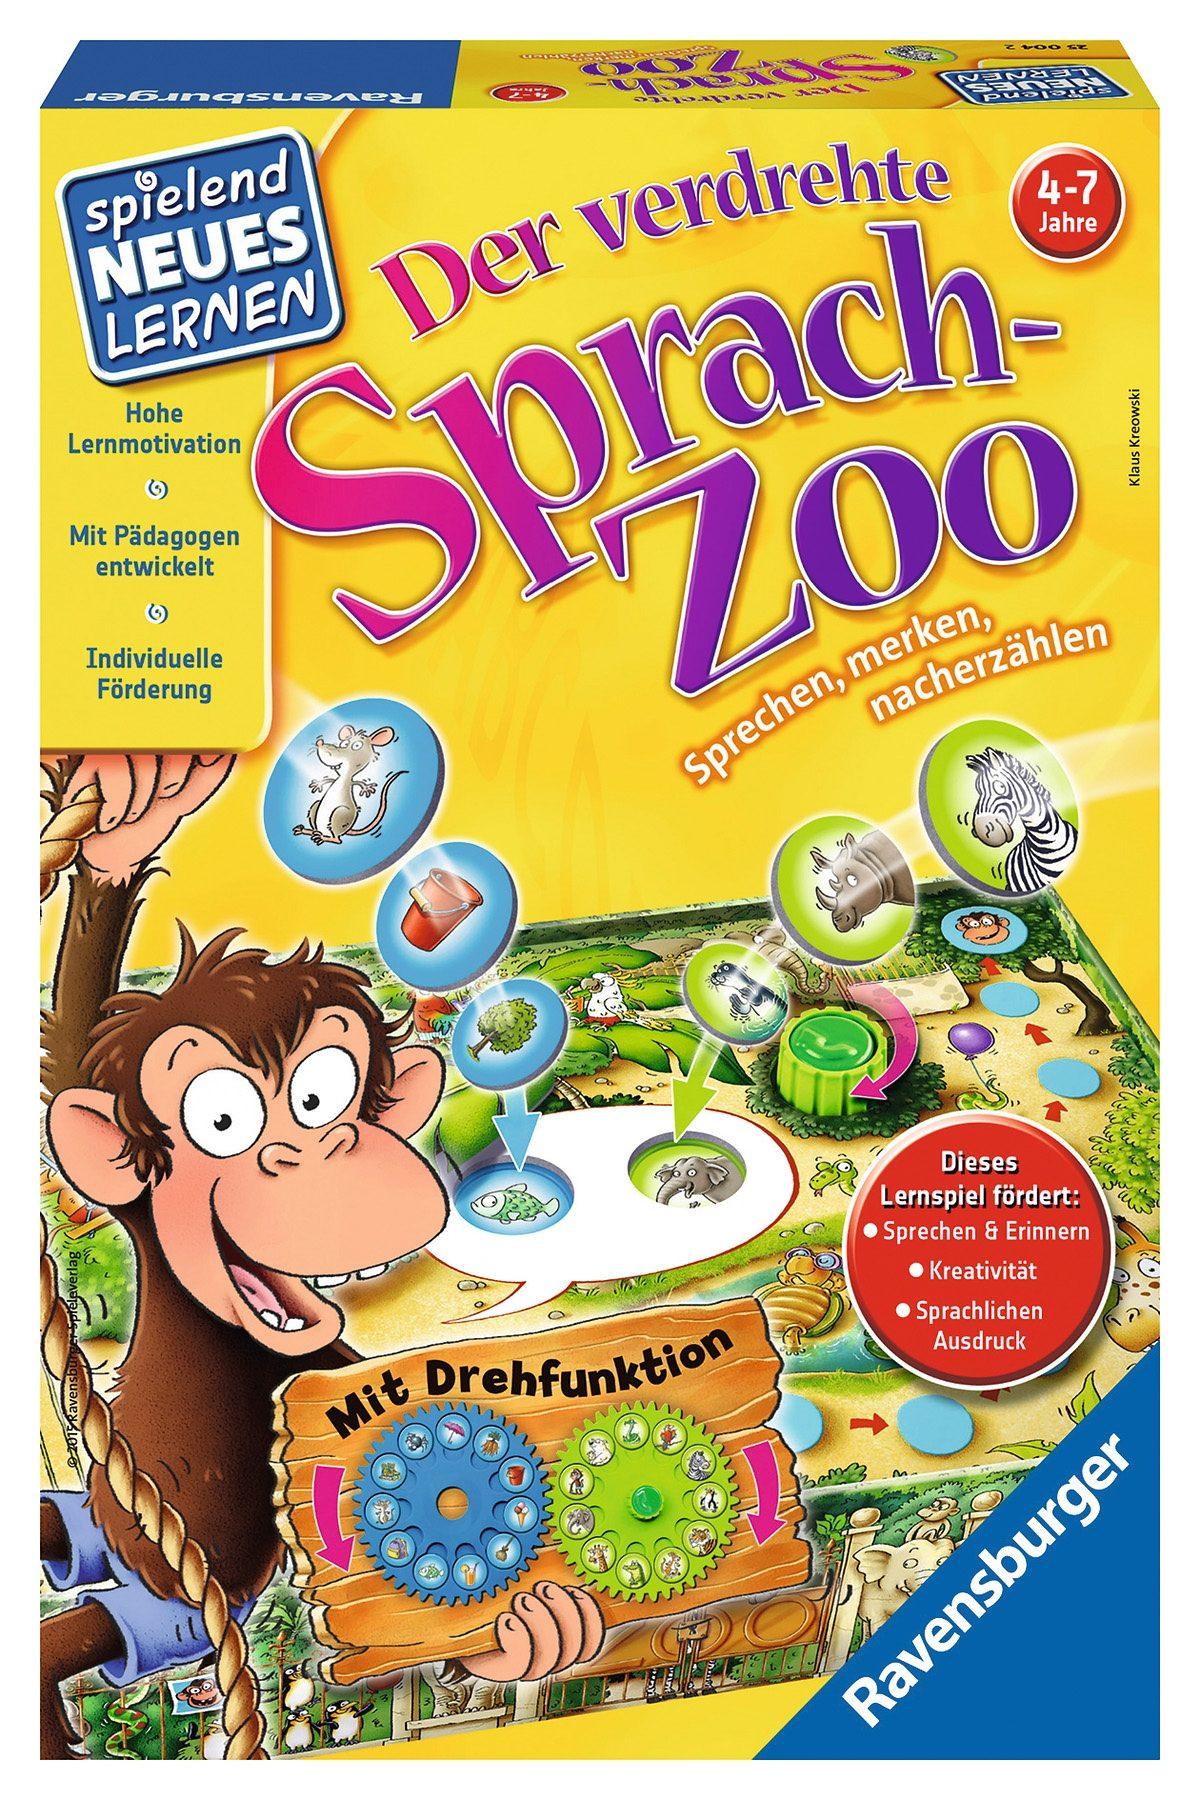 Ravensburger Kinderspiel, »Der verdrehte Sprach-Zoo«